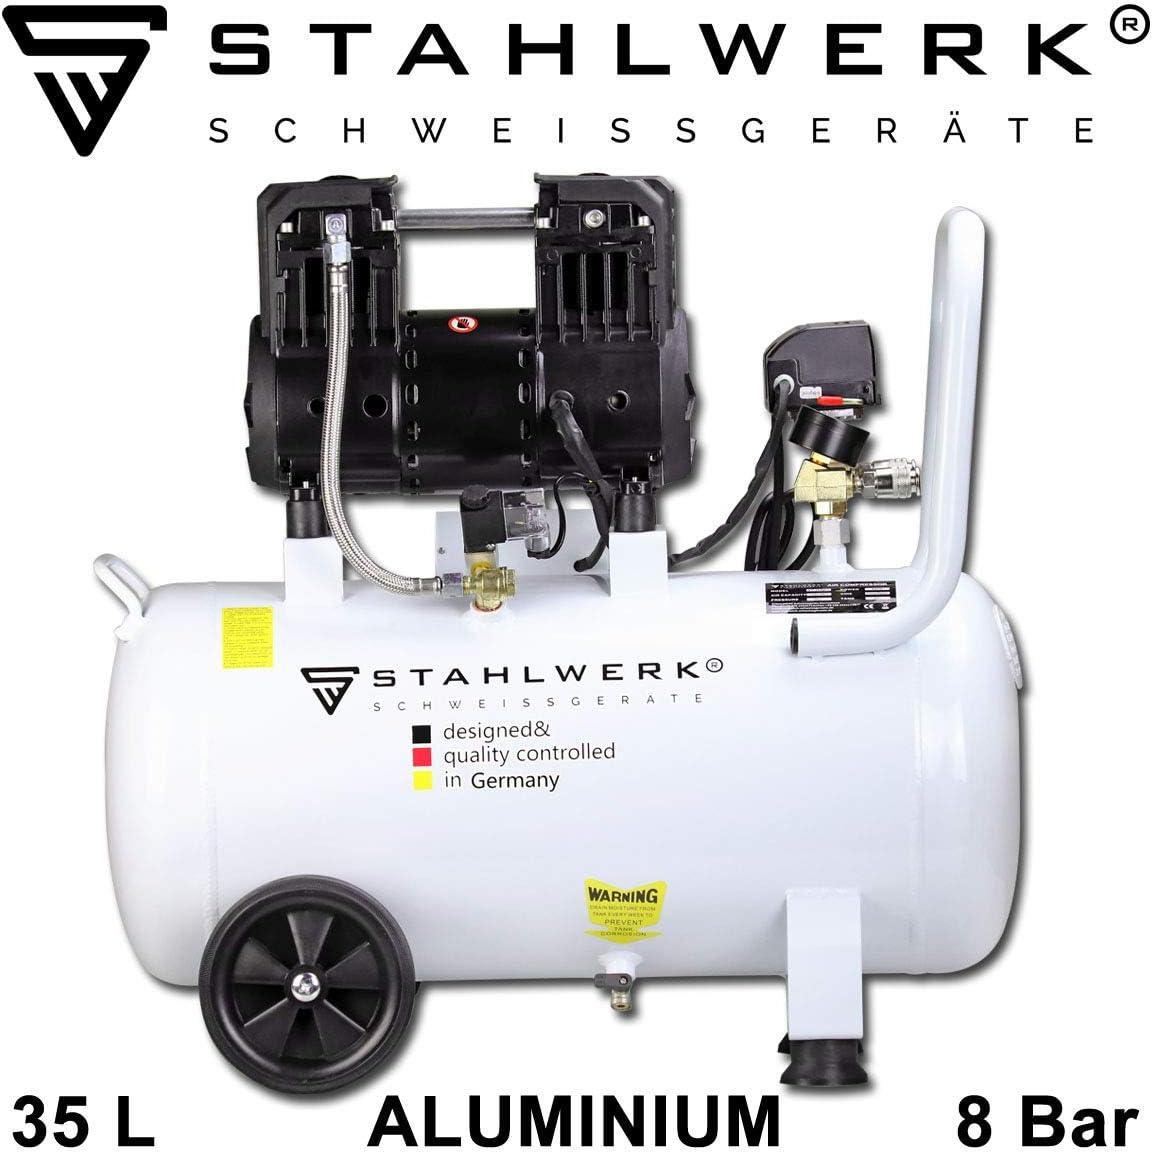 STAHLWERK ST 358 pro - Compresor de aire a presión (caldera de 35 L, 8 bar, sin aceite, 140 L/min, muy silencioso, compacto, 5 años de garantía), color blanco